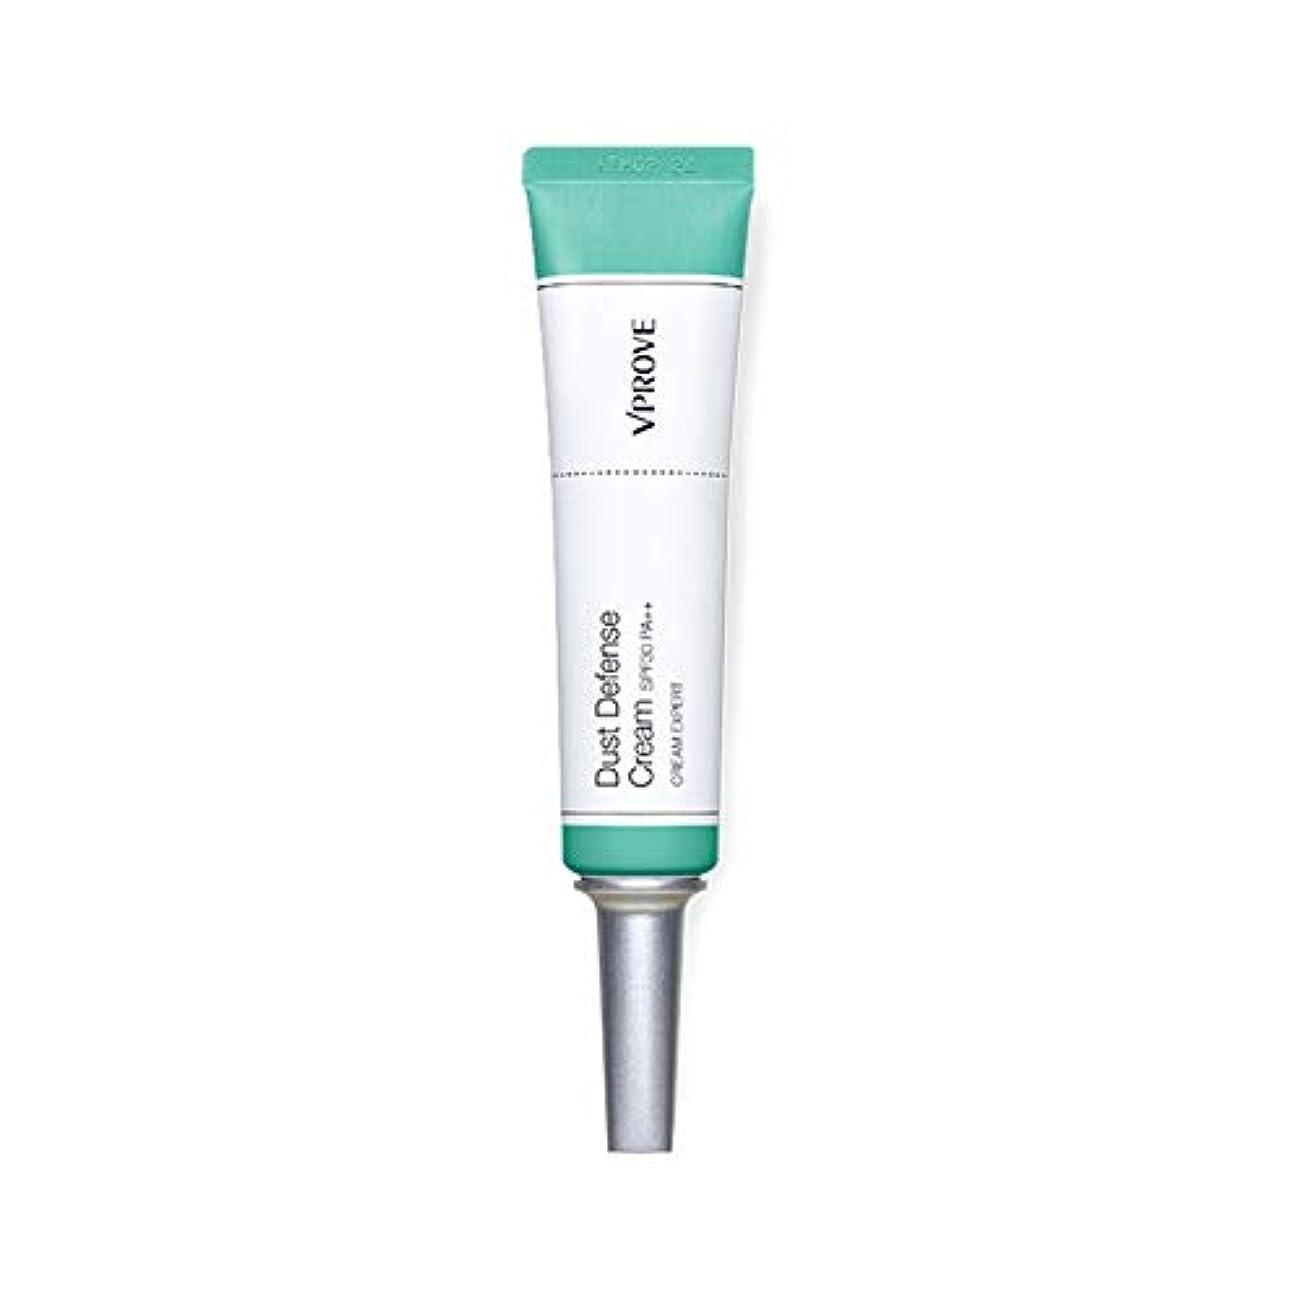 過半数宿命むしろ[コスモコス]COSMOCOS VPROVE クリームエキスパートダストディフェンスクリーム SPF30 PA++ 35g 海外直送品 cream expert dust defense cream [並行輸入品]